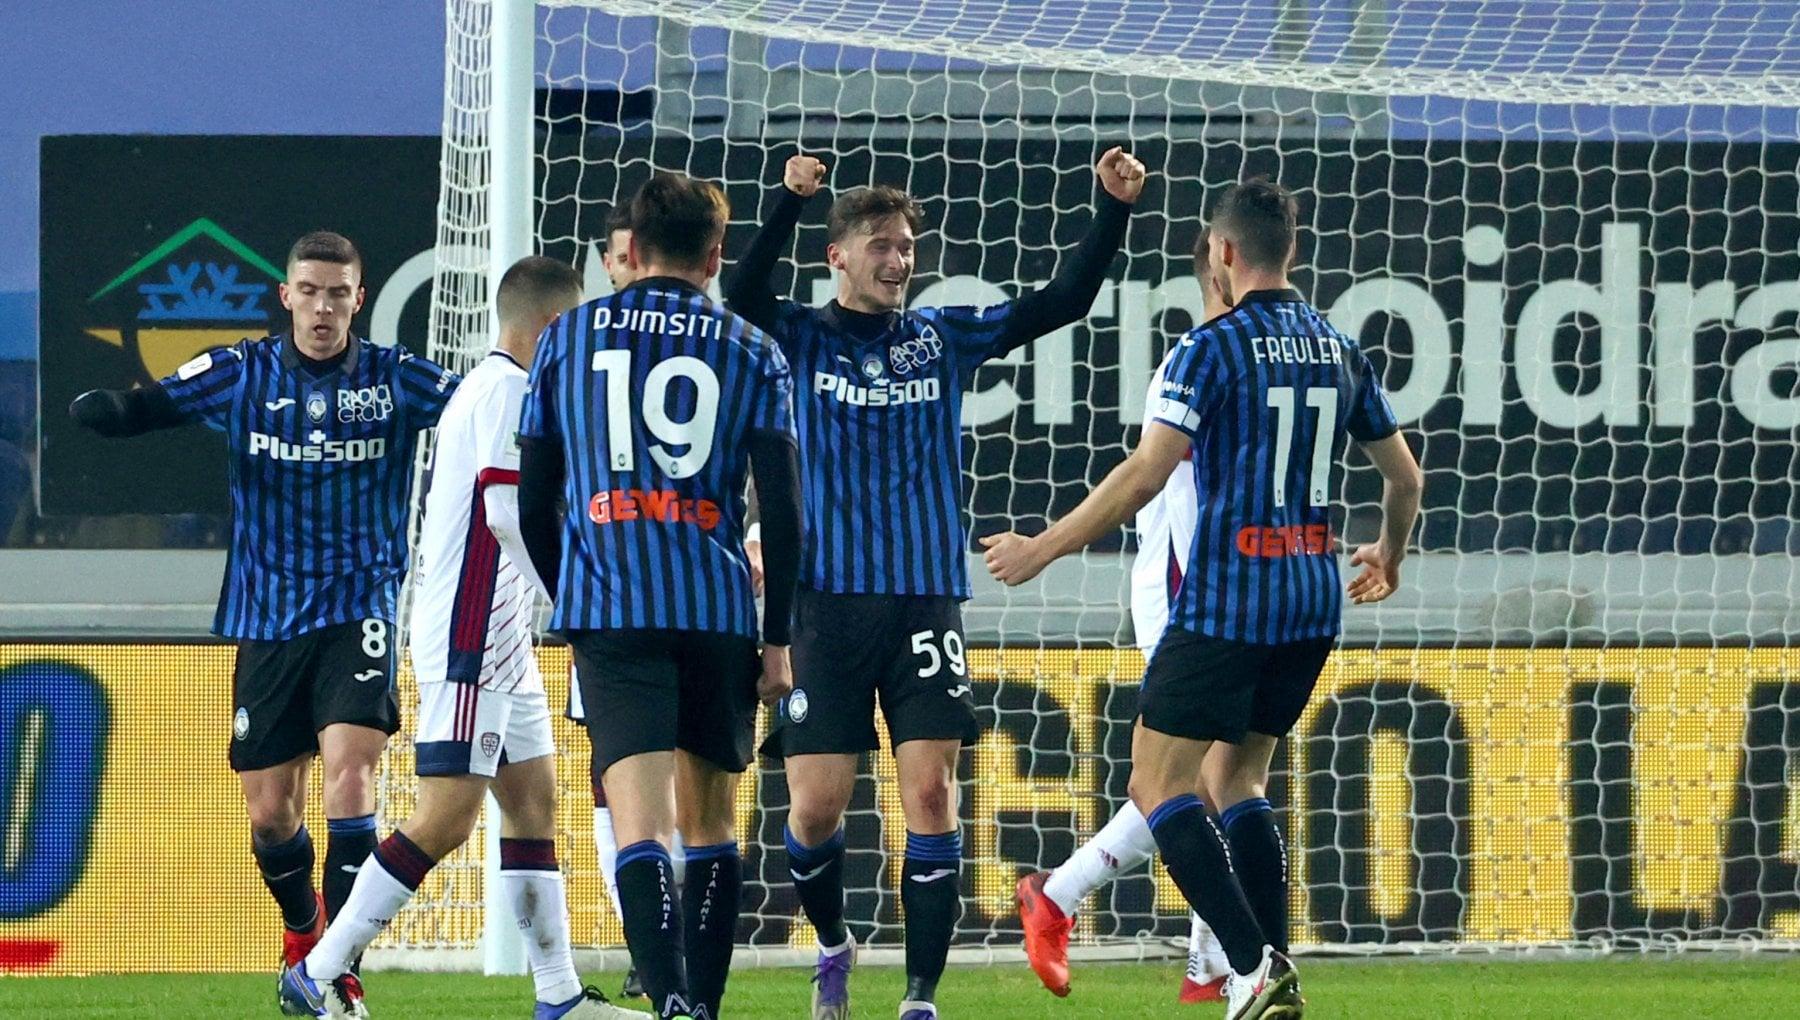 Coppa Italia Atalanta Cagliari 3 1 tutto facile per i nerazzurri che vanno ai quarti